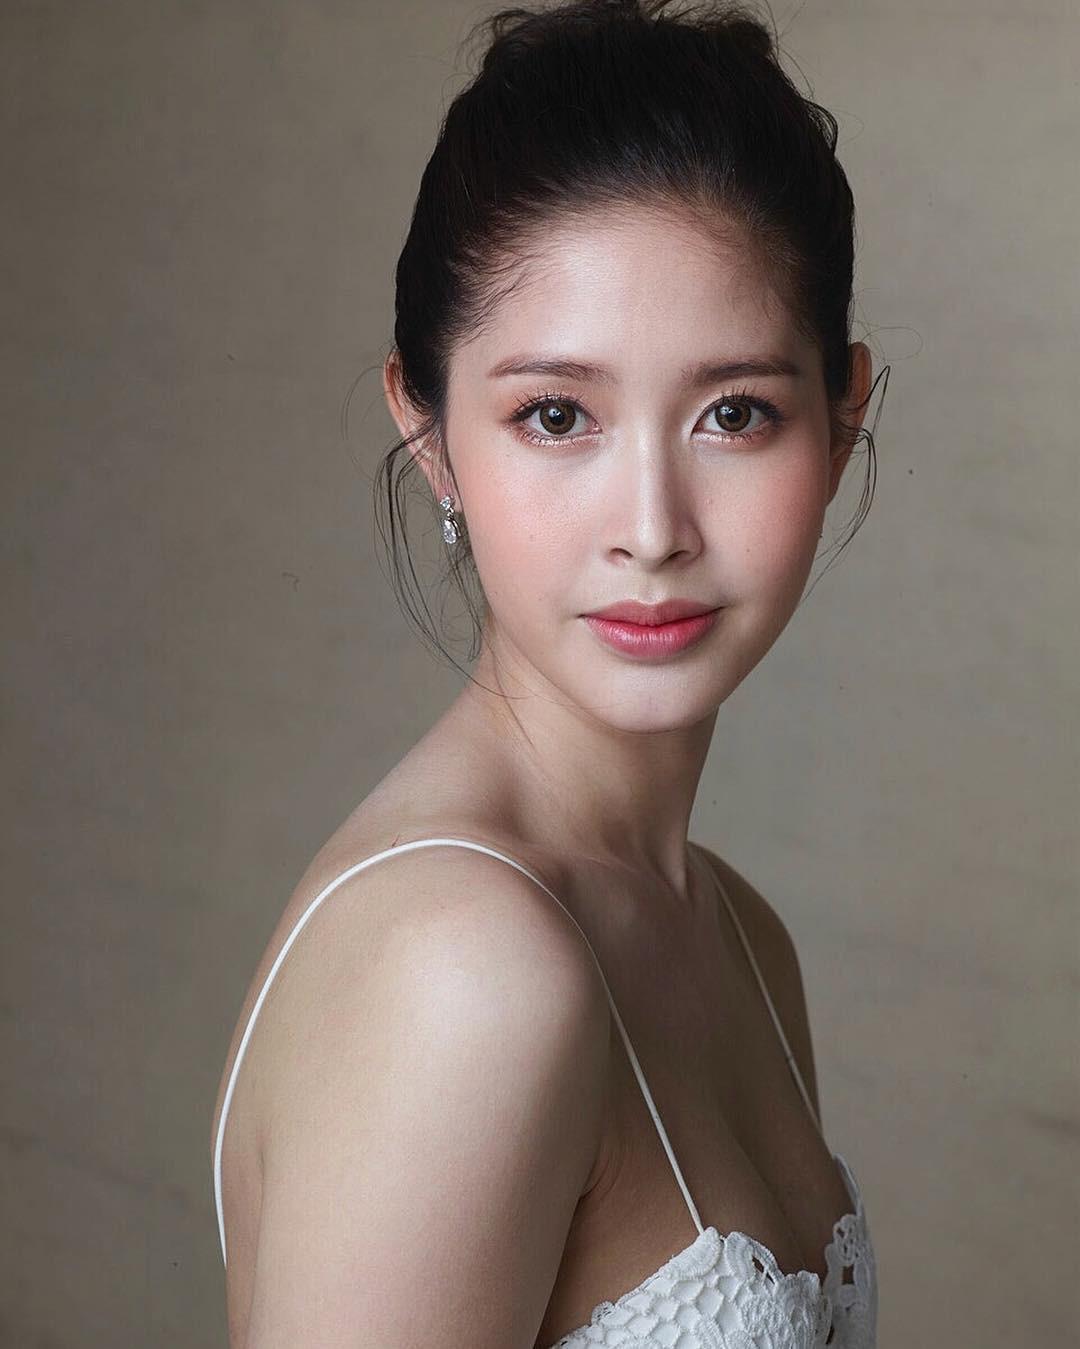 Soi mặt mộc của dàn mỹ nhân chuyển giới hot nhất Thái Lan: Nong Poy quá đỉnh, Yoshi đẹp tựa thiên thần đời thực - Ảnh 22